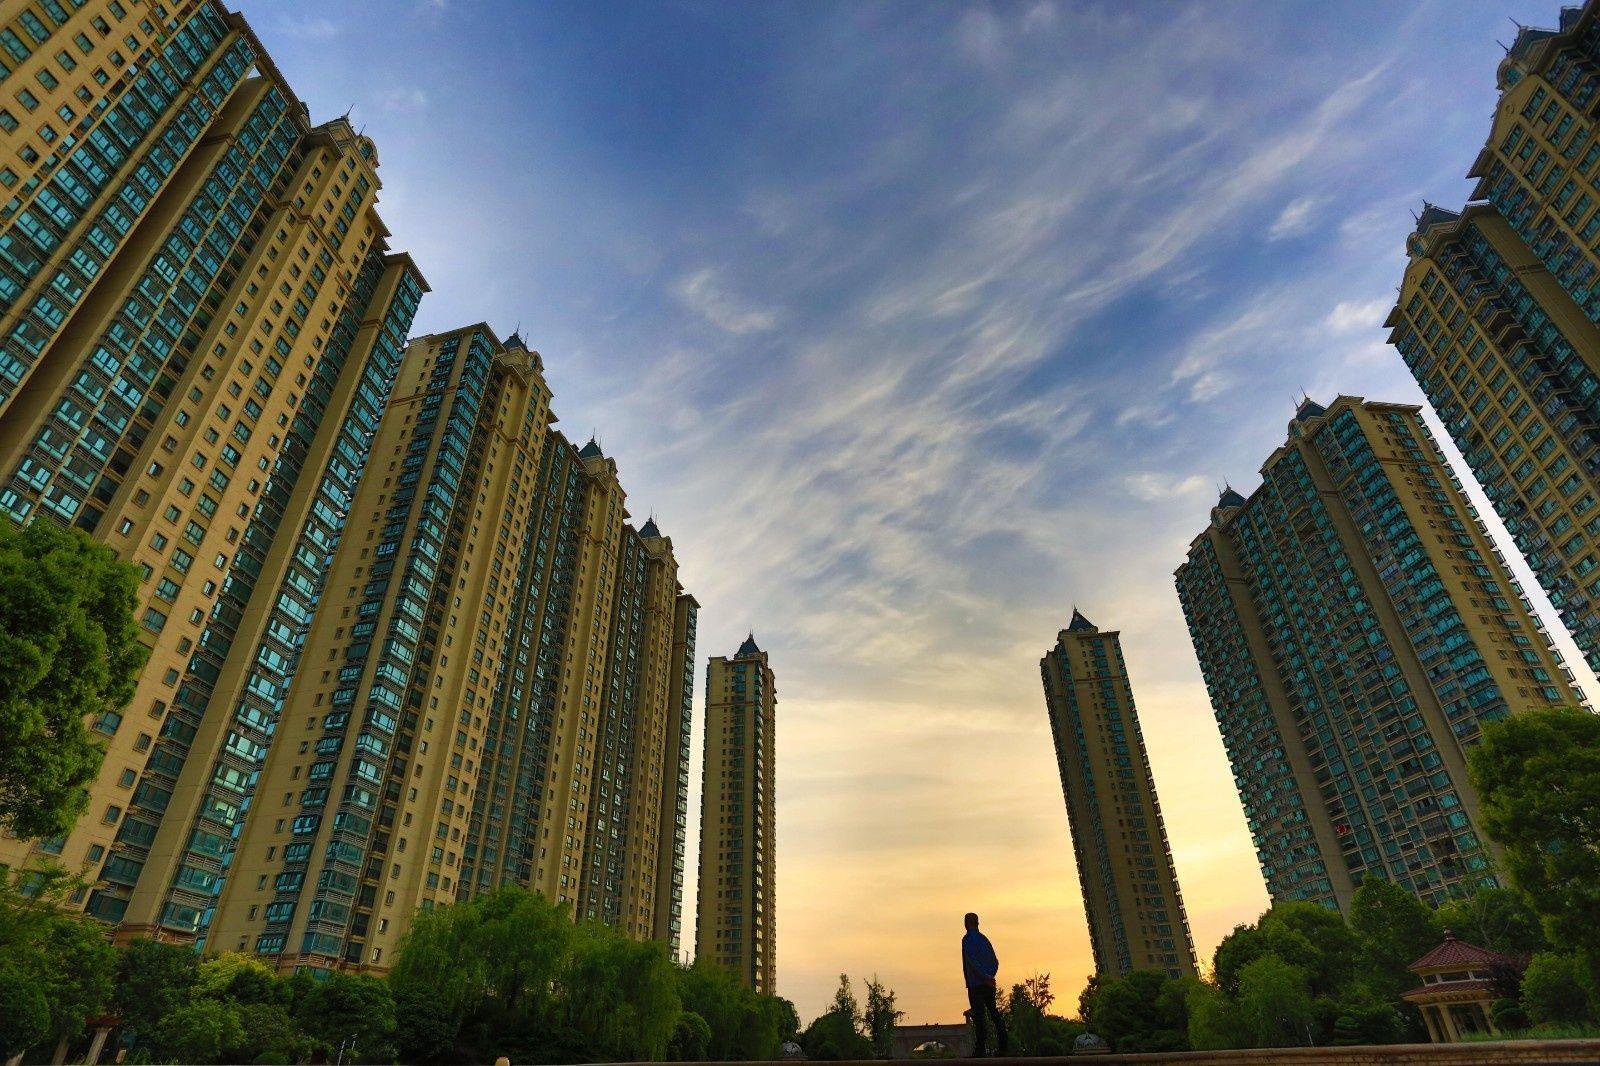 全國67城新房均價微升 一線城市找房熱度跌3.6%